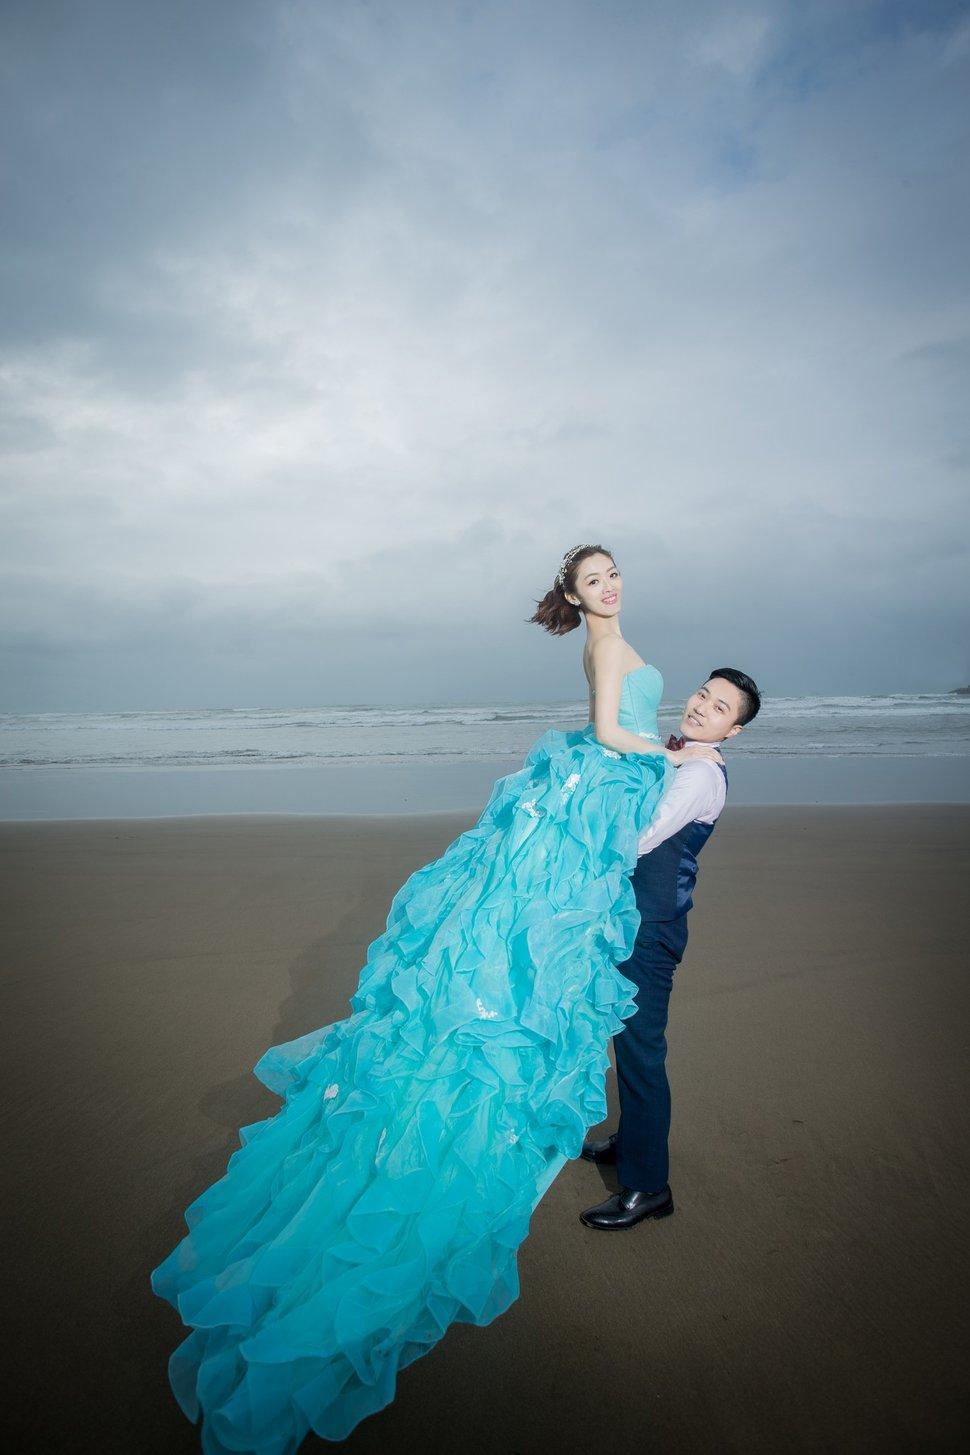 伊頓自助婚紗 (16) - 伊頓自助婚紗 ▌台北高雄板橋桃園新竹台南 - 結婚吧